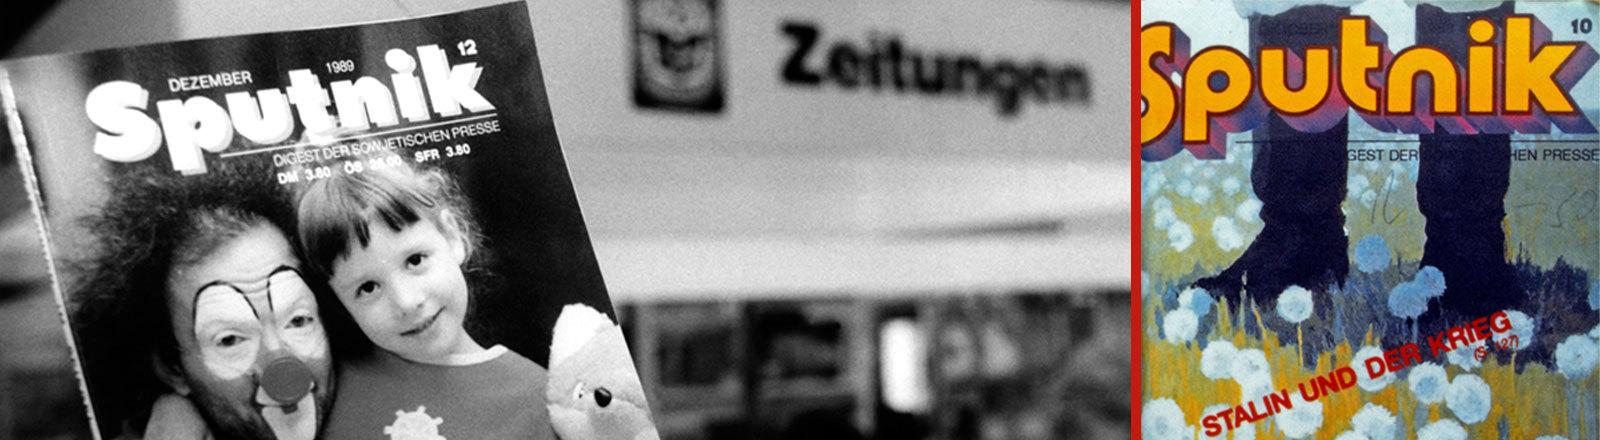 """Ein Clown und ein kleines Mädchen zieren das Titelblatt der Dezemberausgabe 1989 des deutschsprachigen, sowjetischen Nachrichtenmagazins Sputnik, daneben eine andere Ausgabe mit dem Titel """"Stalin und der Krieg"""""""